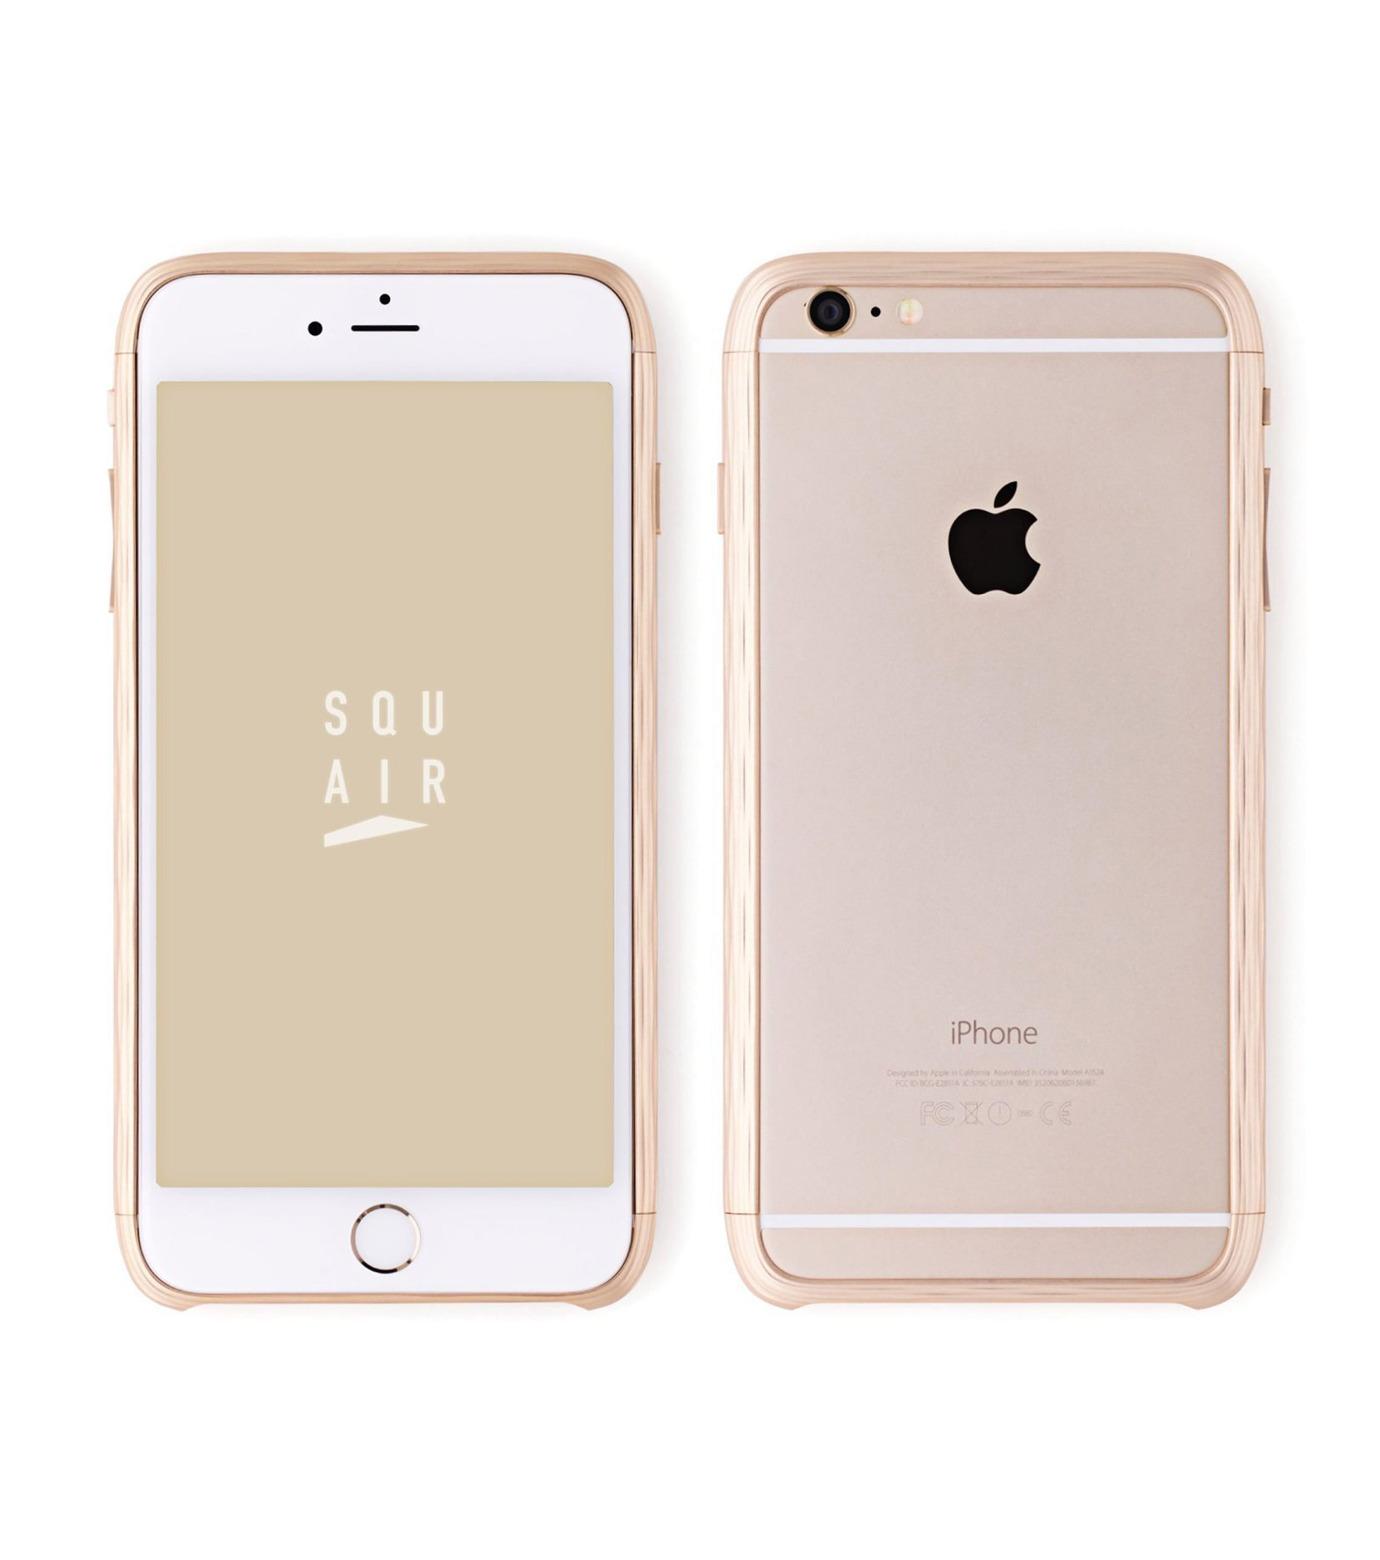 SQUAIR(スクエア)のThe Dimple for iPhone6s plus-GOLD(ケースiphone6plus/6splus/case iphone6plus/6splus)-SQDMP630-GLD-2 拡大詳細画像1